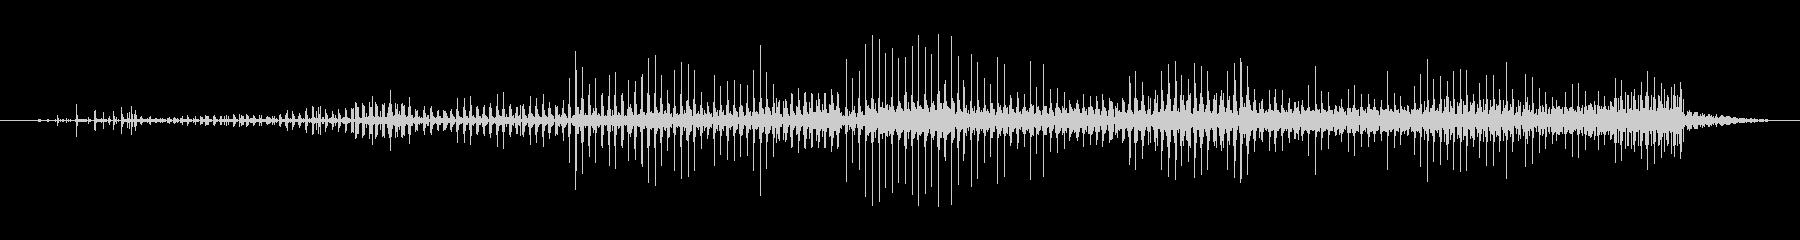 ノイズ オーガニックスカットルロング02の未再生の波形